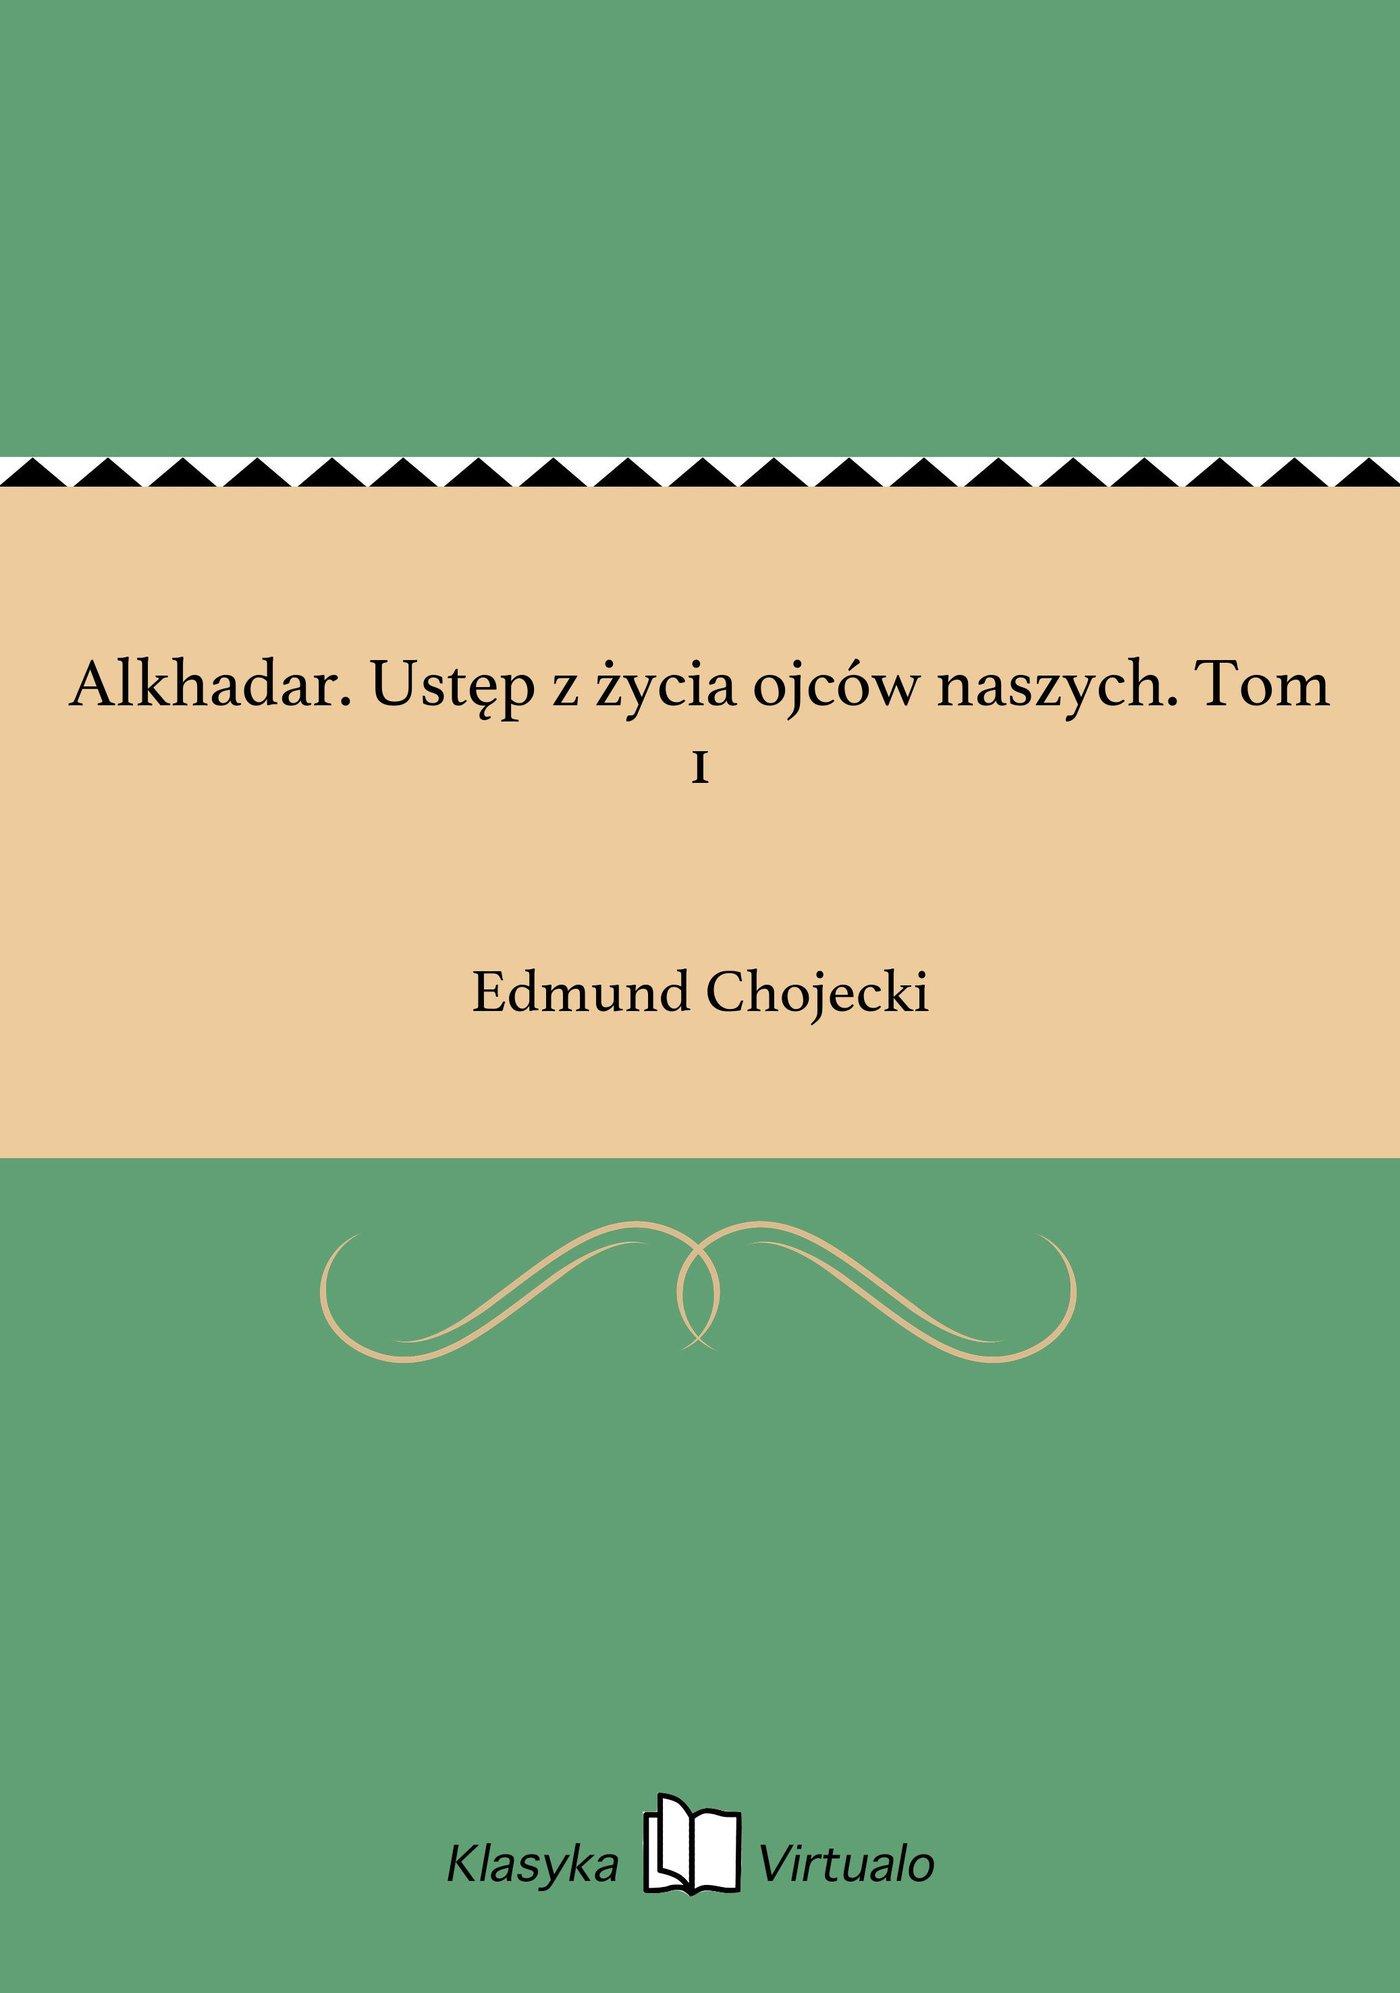 Alkhadar. Ustęp z życia ojców naszych. Tom 1 - Ebook (Książka EPUB) do pobrania w formacie EPUB